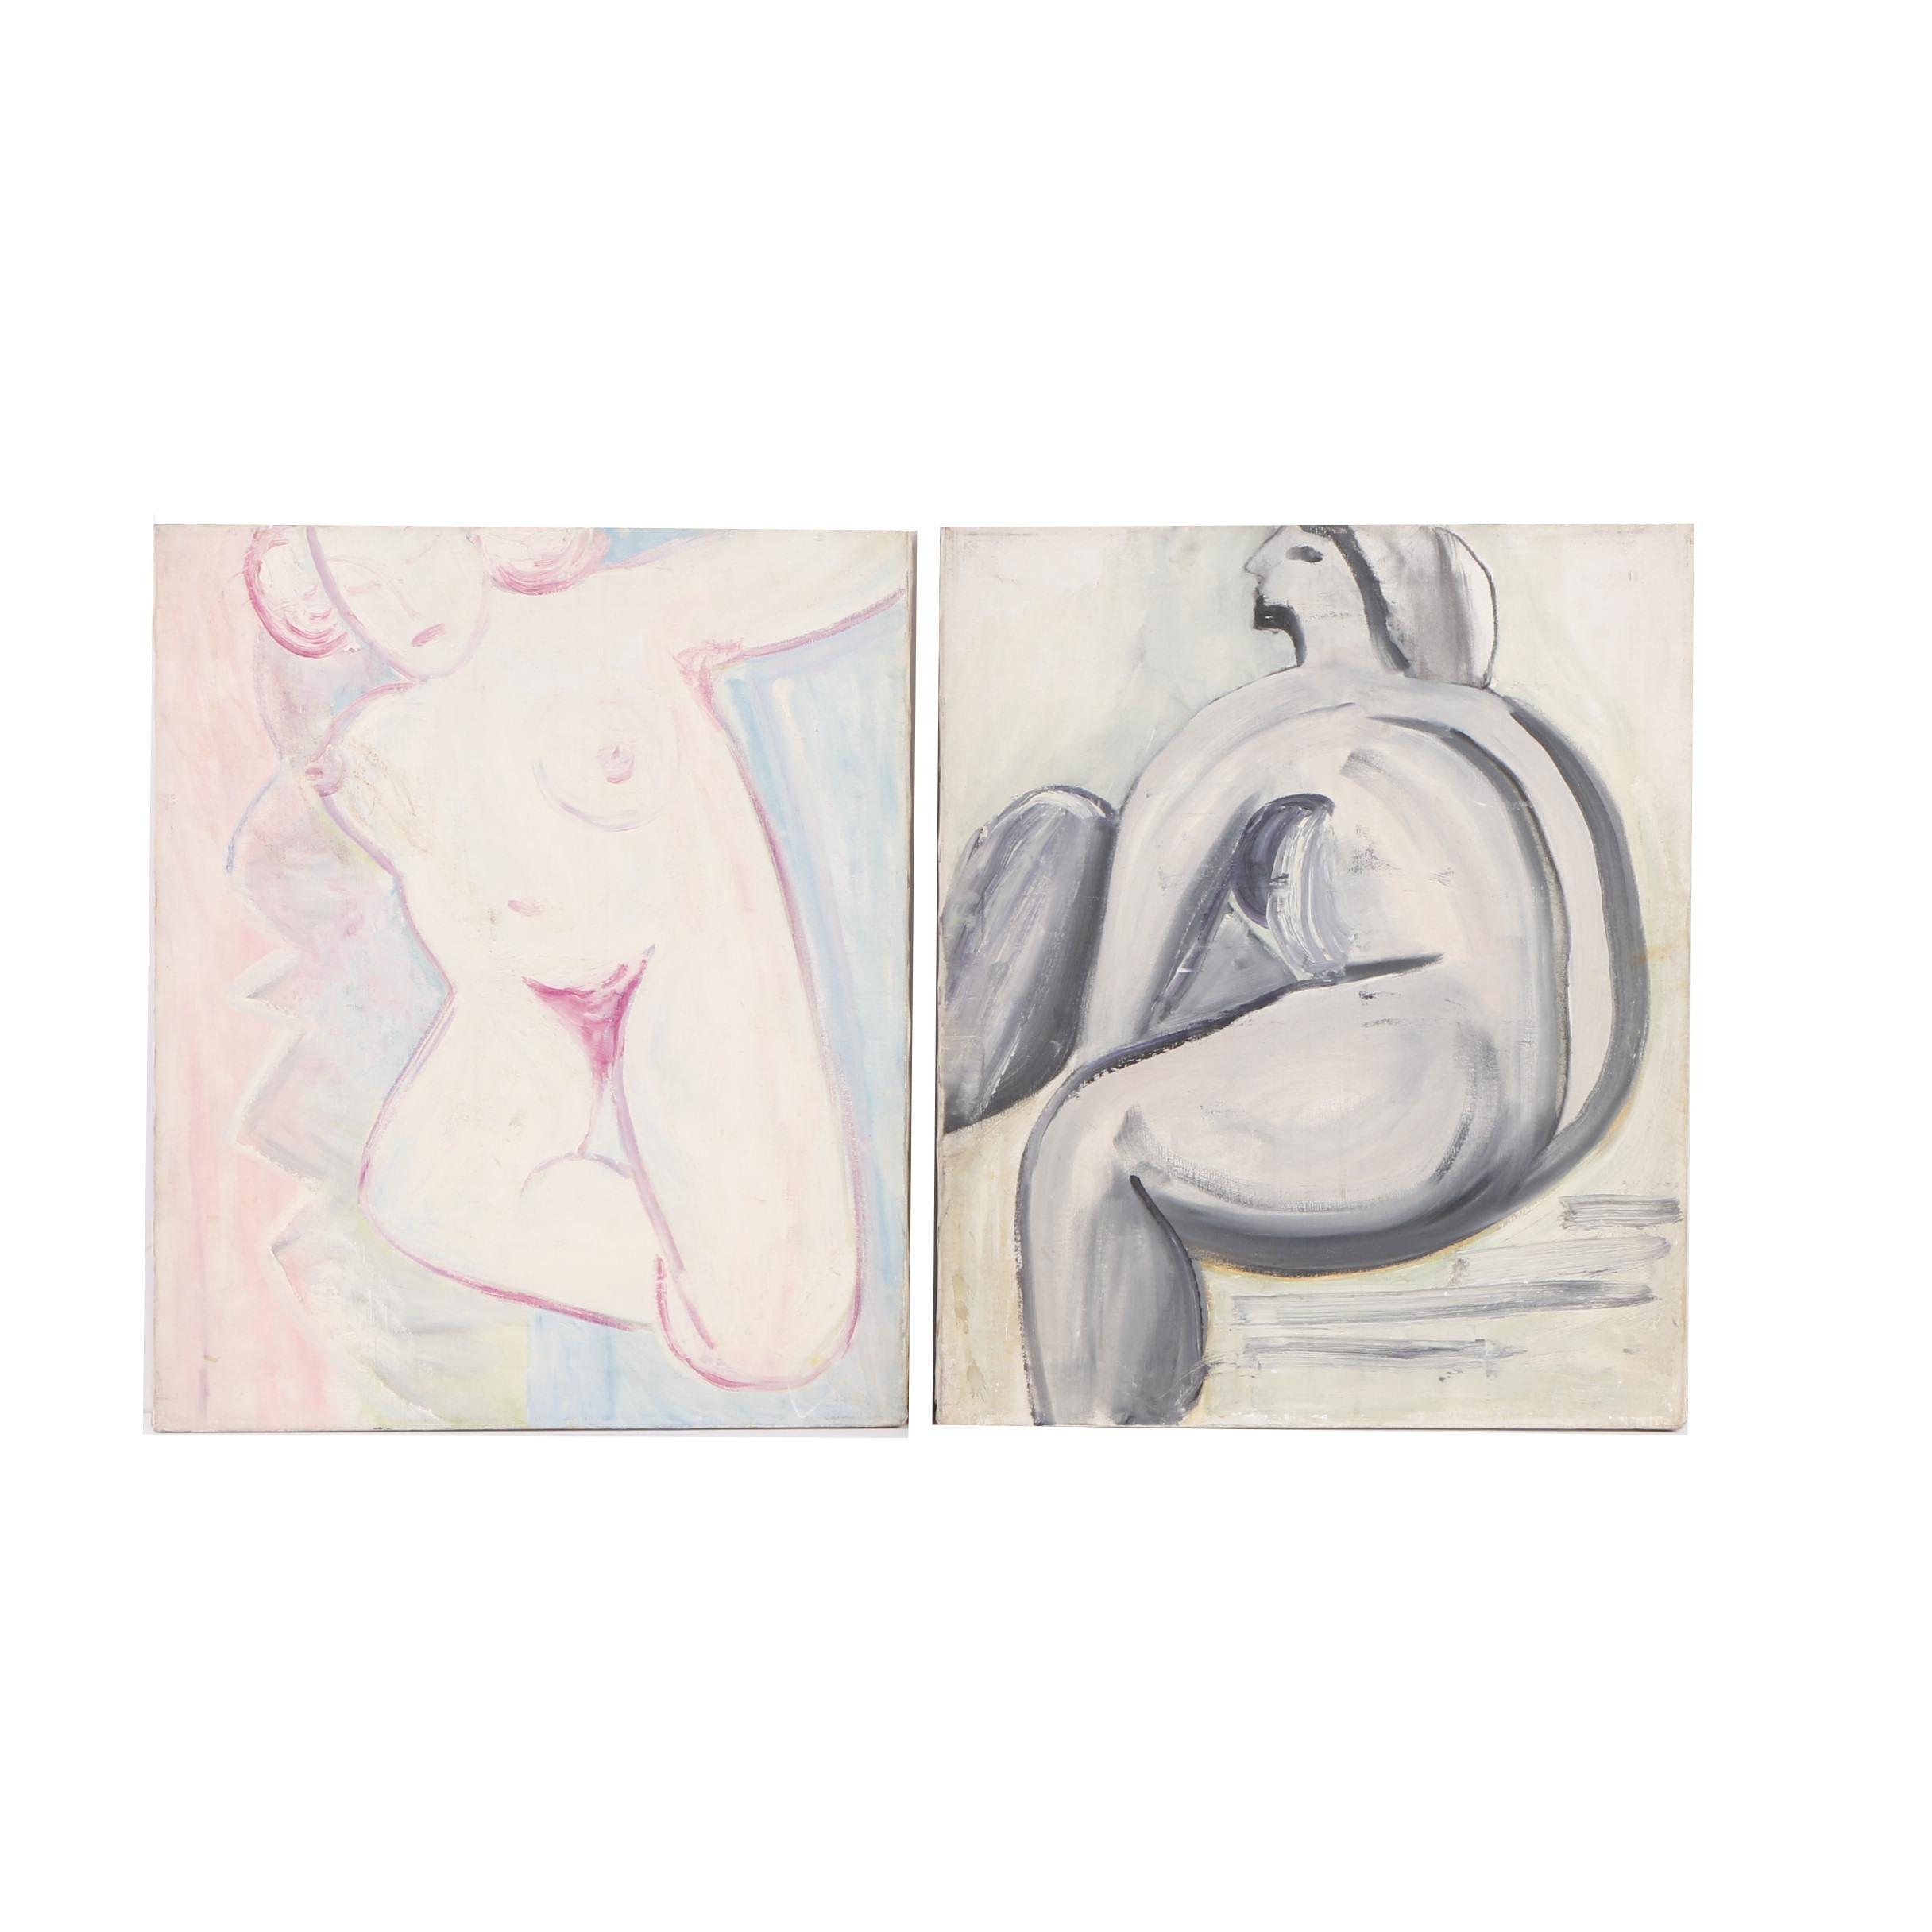 Oil Paintings of Nude Figures